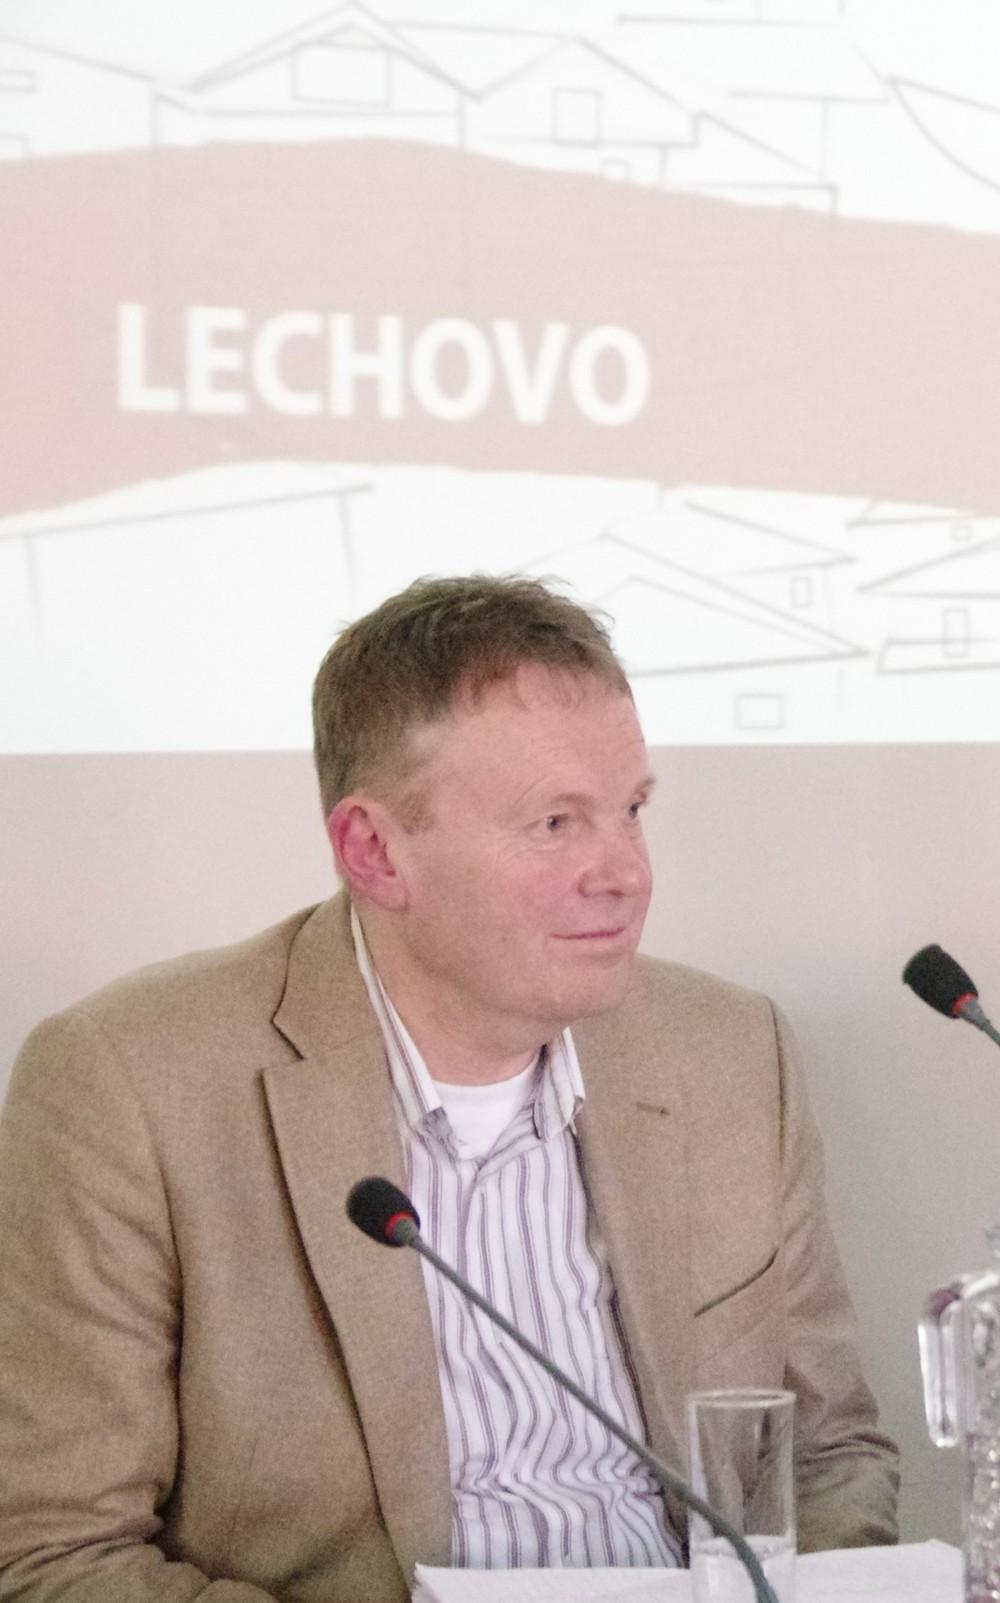 """Ο Prof. Dr. Martin Leiner στη συζήτηση """"Θεολογία και επαναπροσέγγιση"""""""